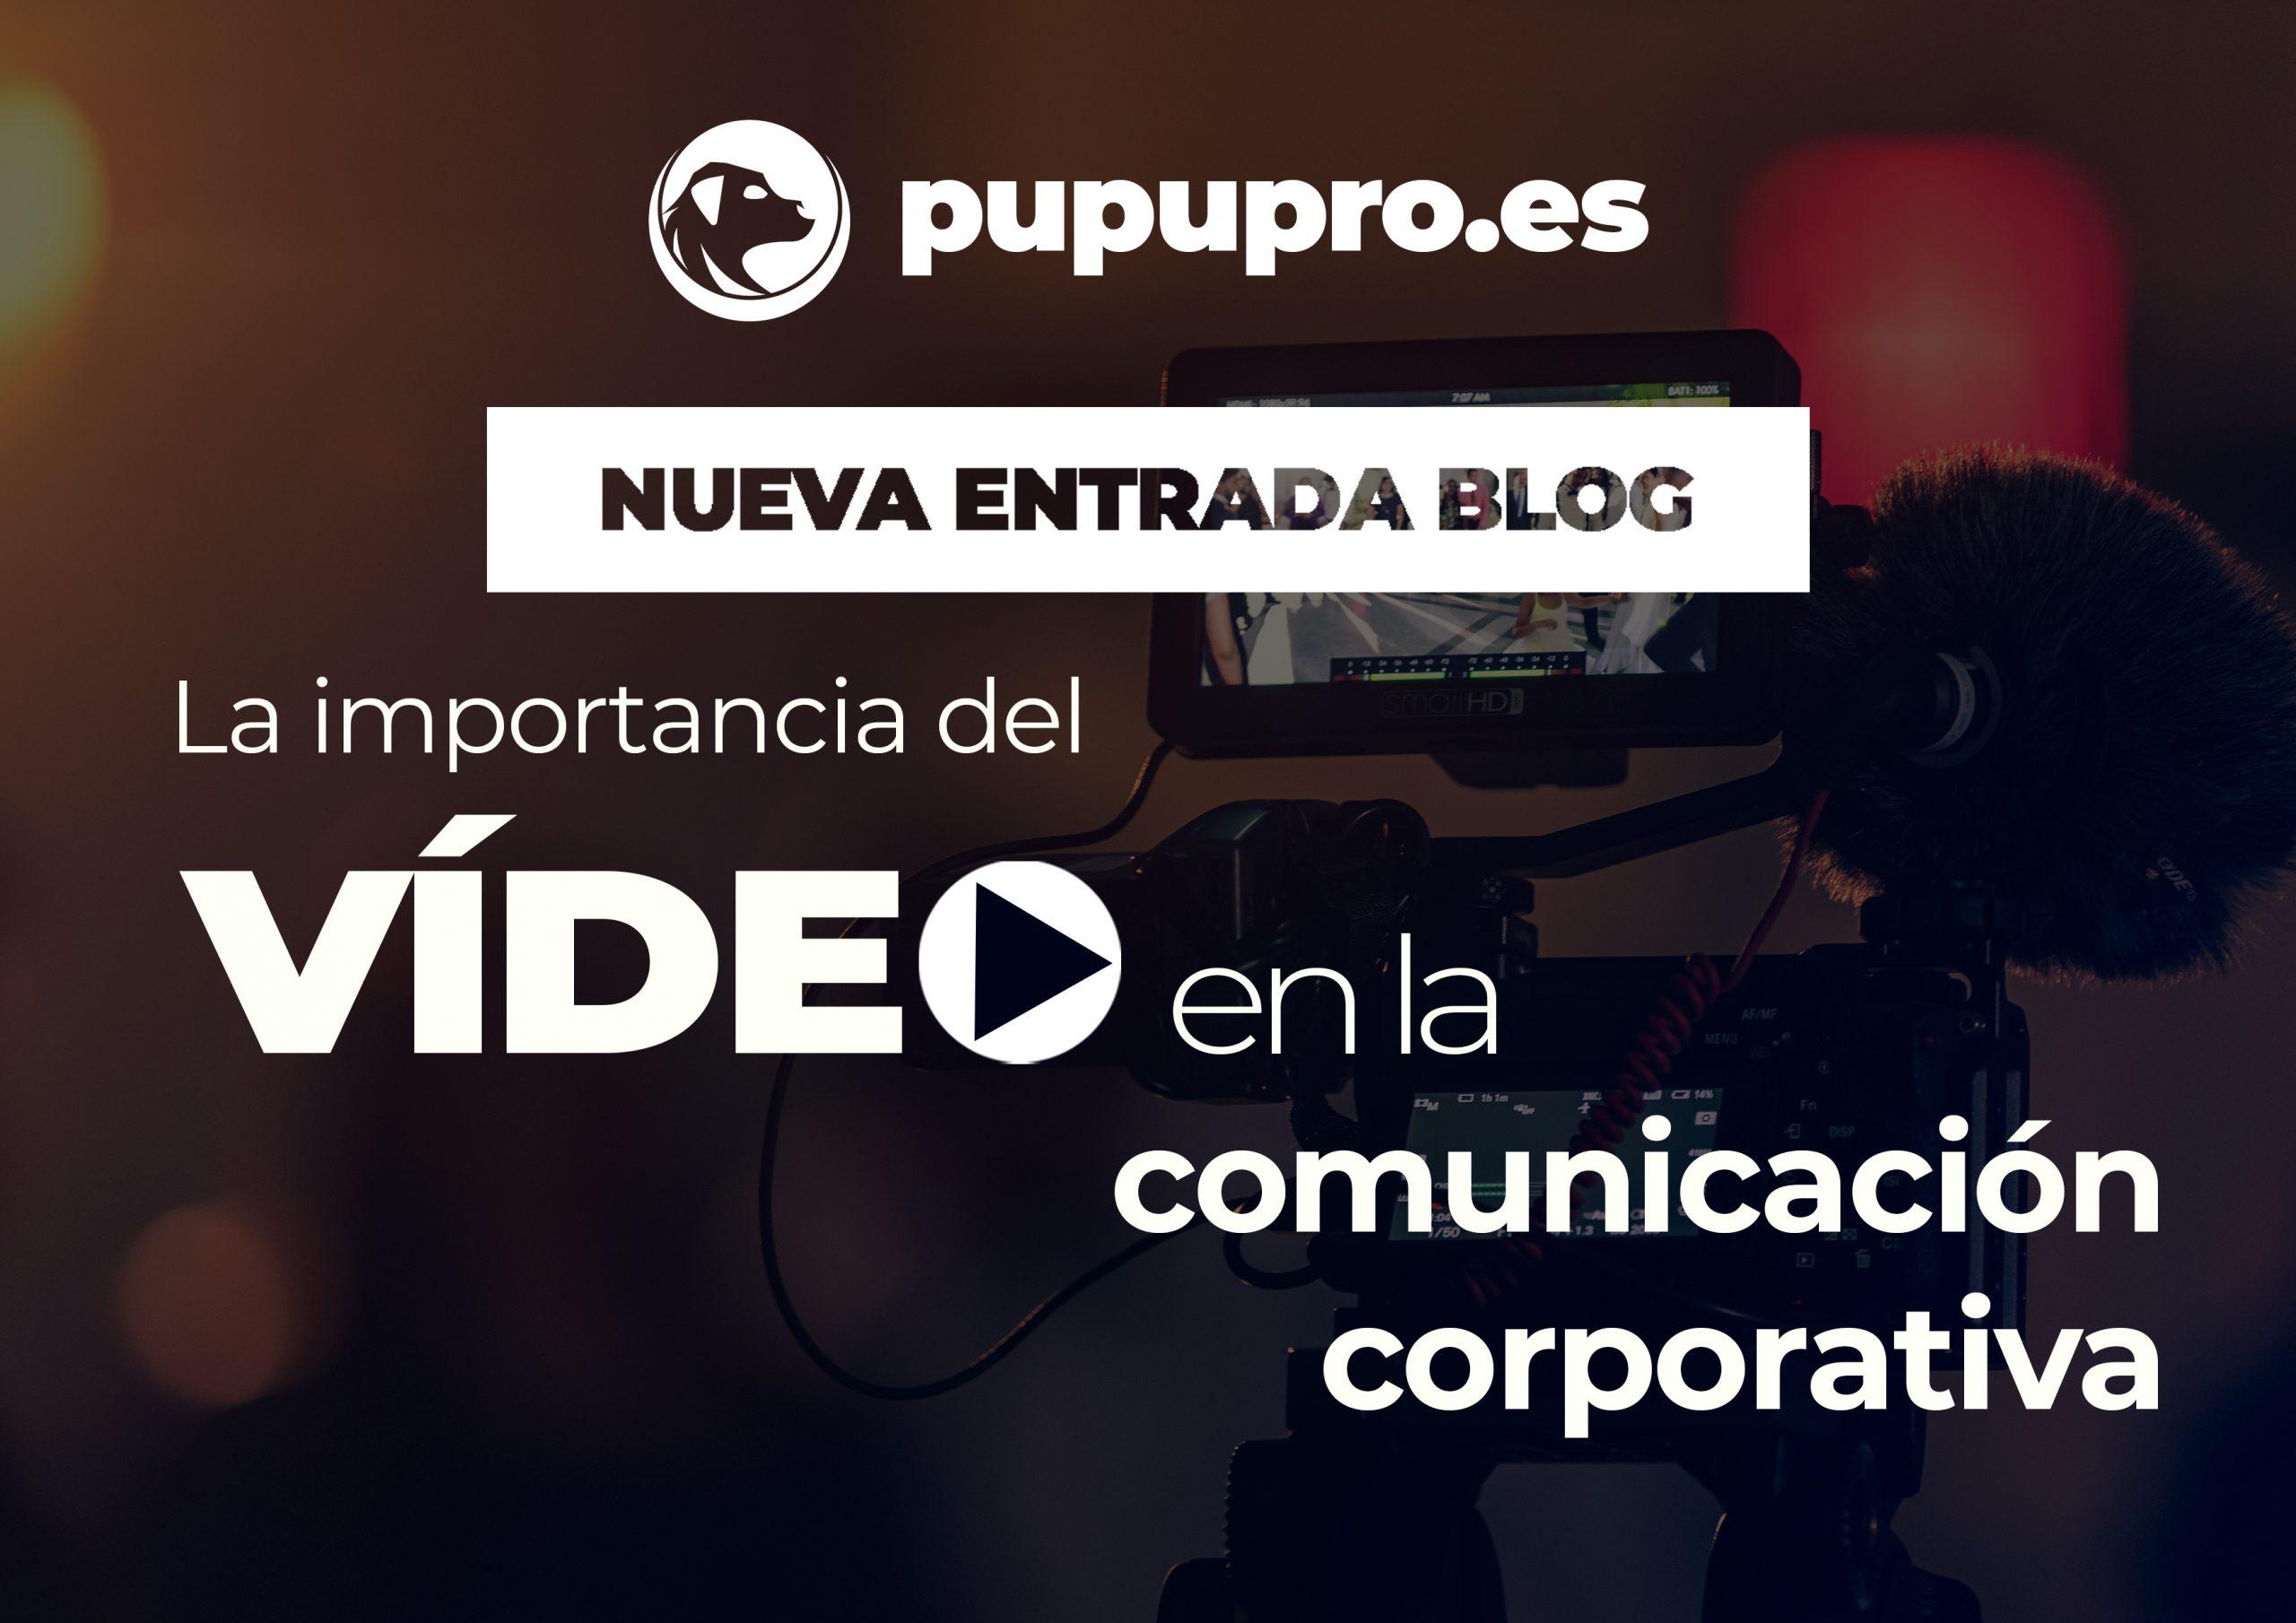 video en la comunicación corporativa